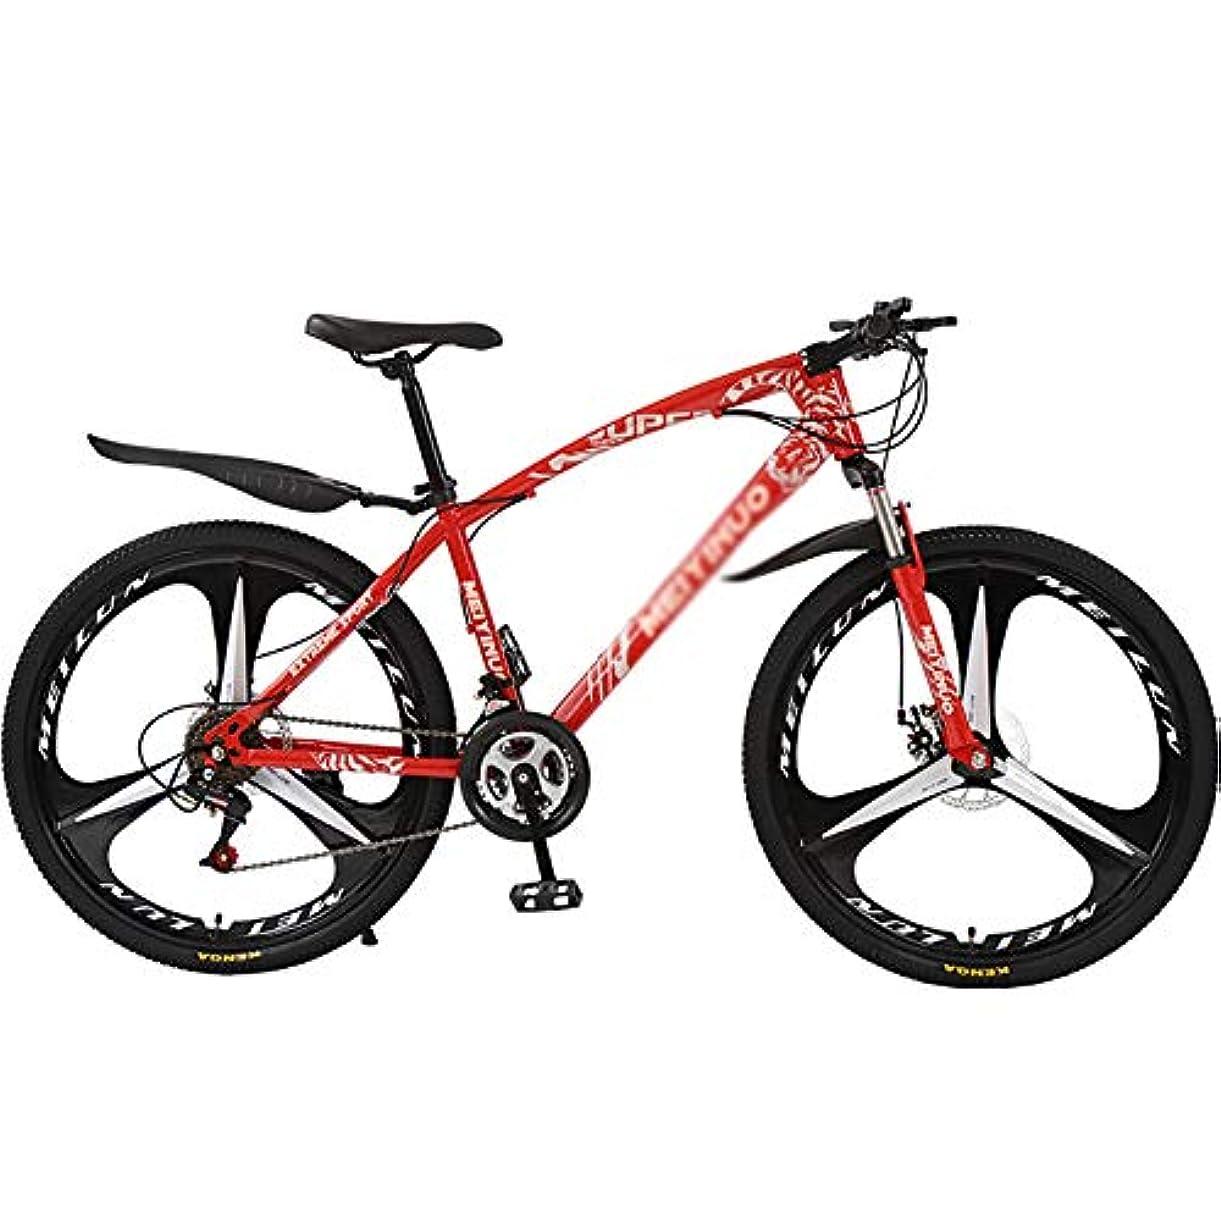 説得力のある周術期マークされたKKLTDI 軽量 クロスバイク サイクル,強いフレーム ディスクブレーキ 自転車,クロス バイク を使用 フロントサスペンション 調節可能な座席